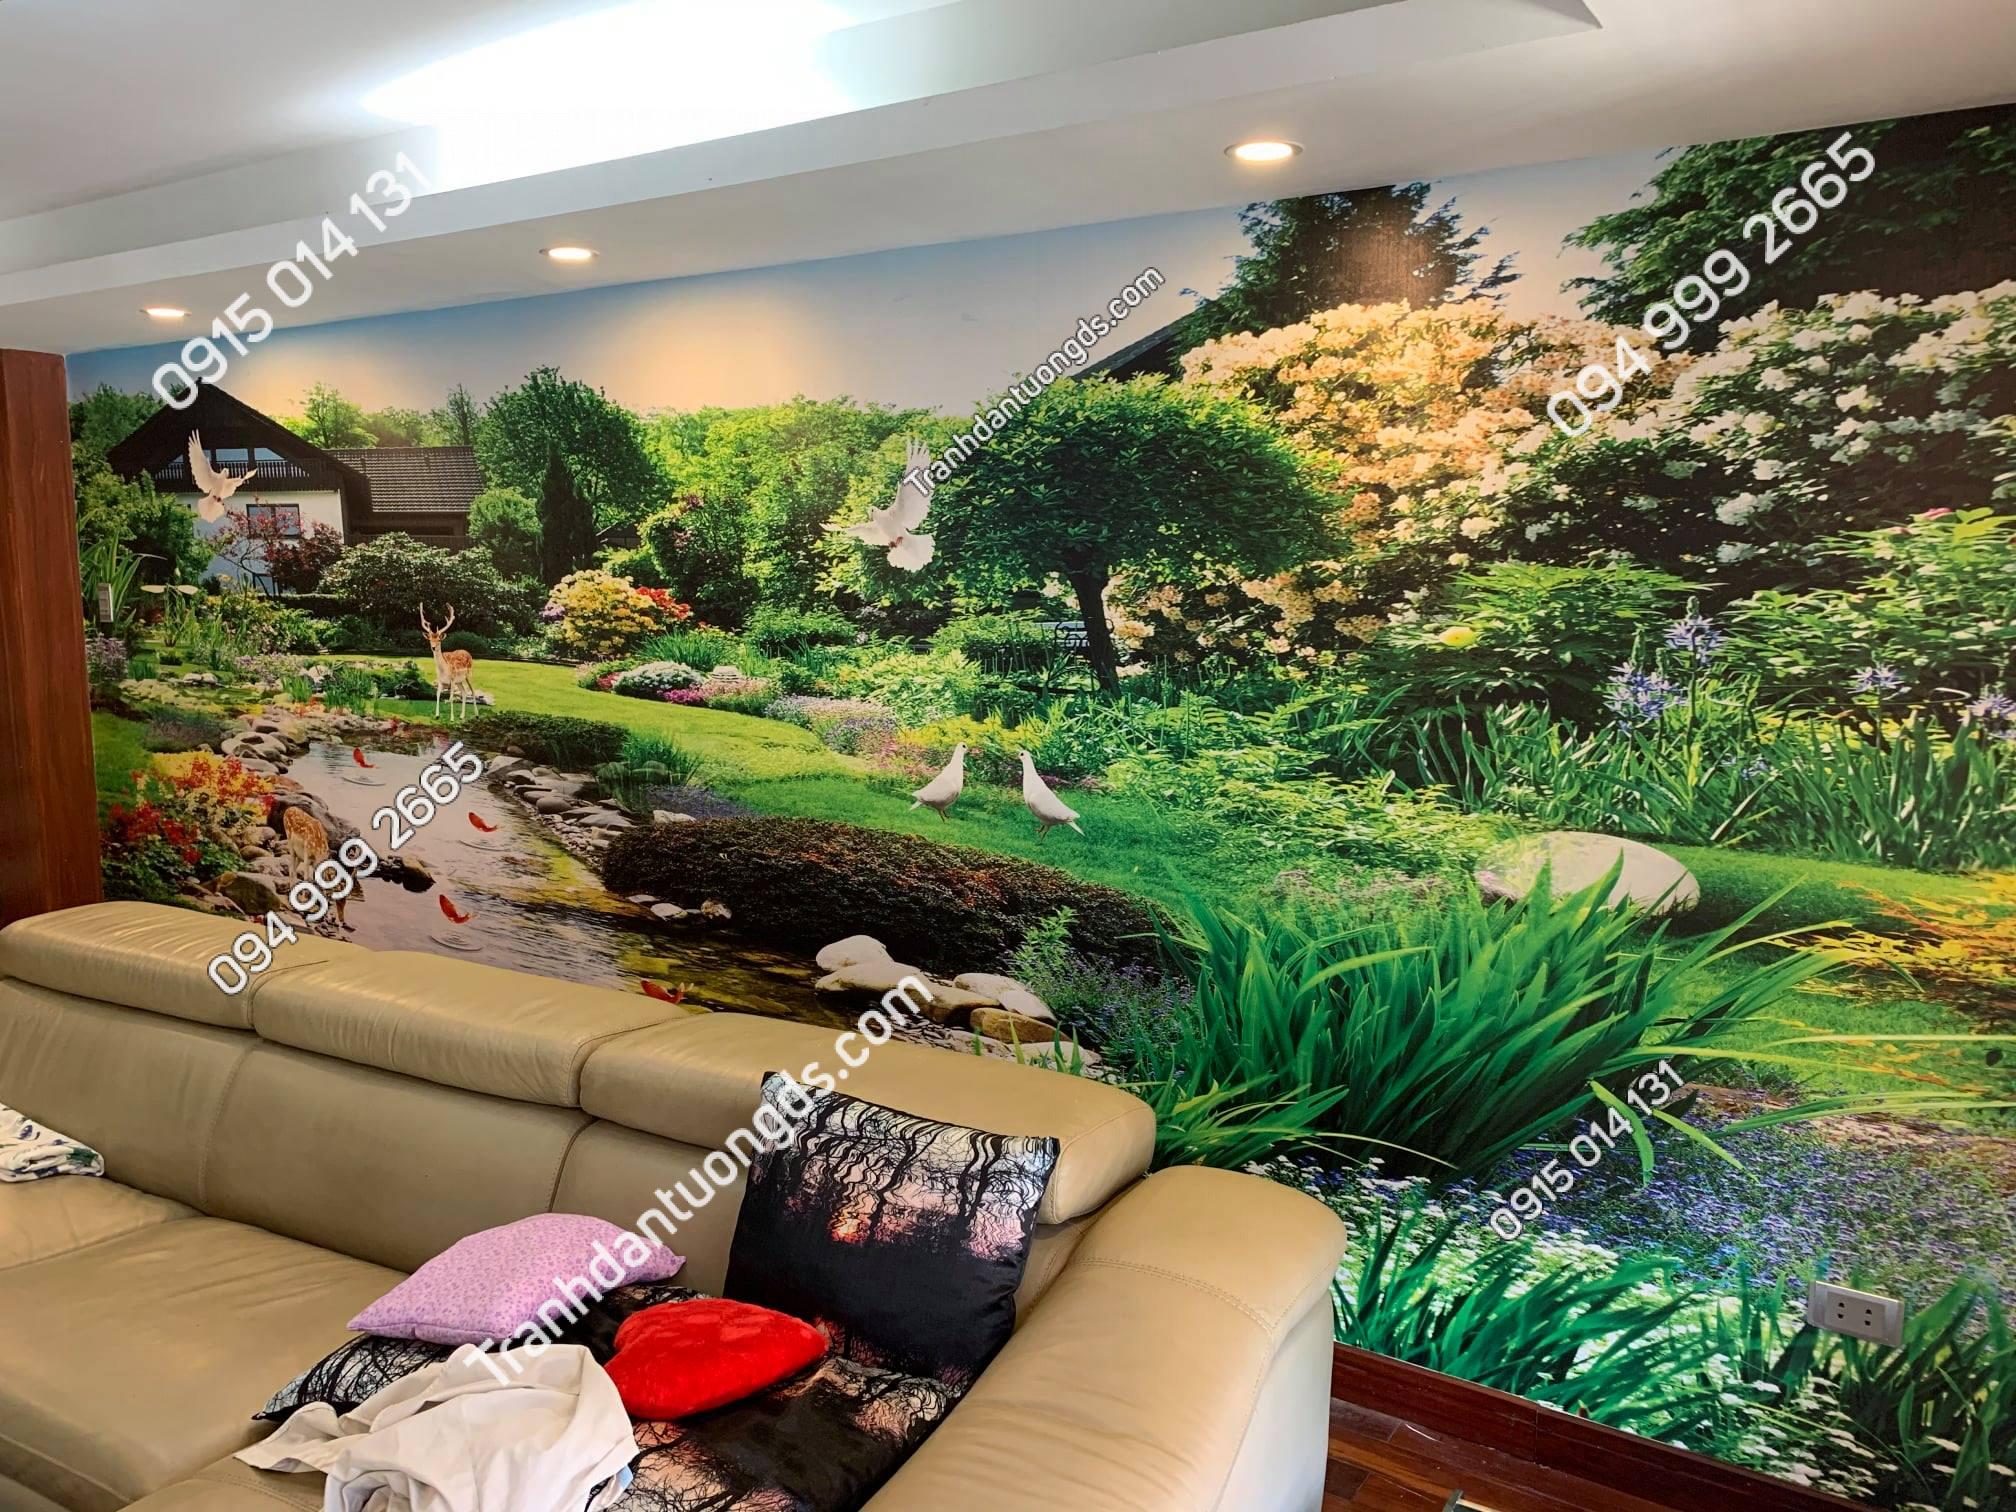 Tranh dán tường phong cảnh phòng khách